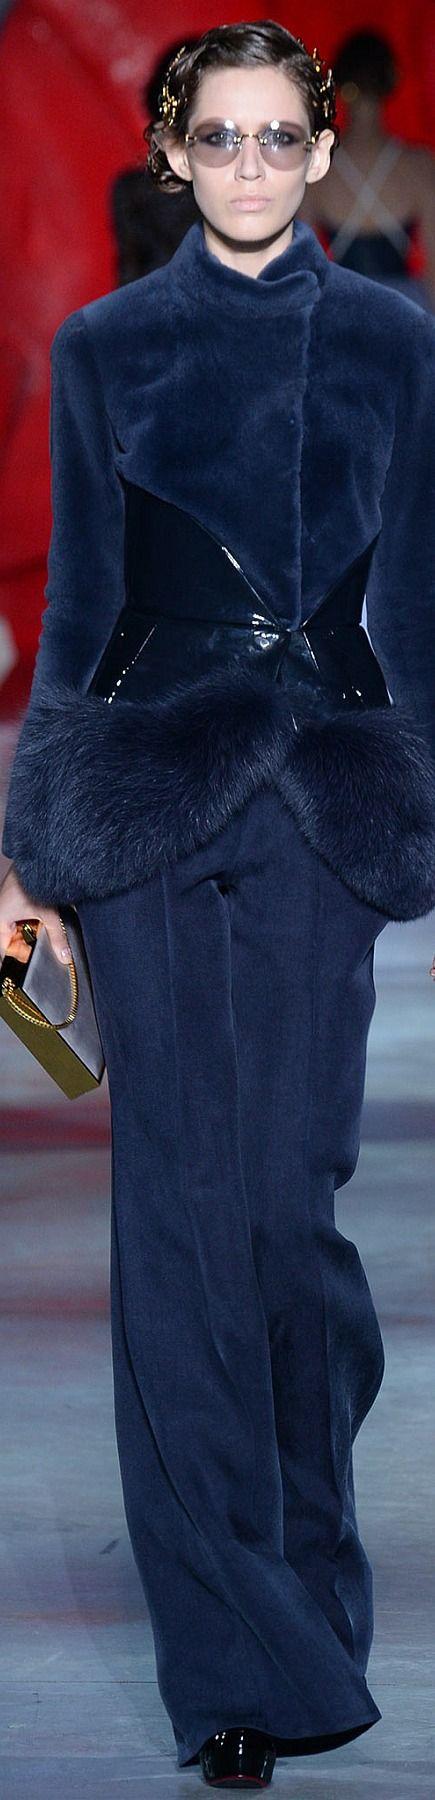 Ulyana SergeenkoFall 2014 Couture- ♔LadyLuxury♔